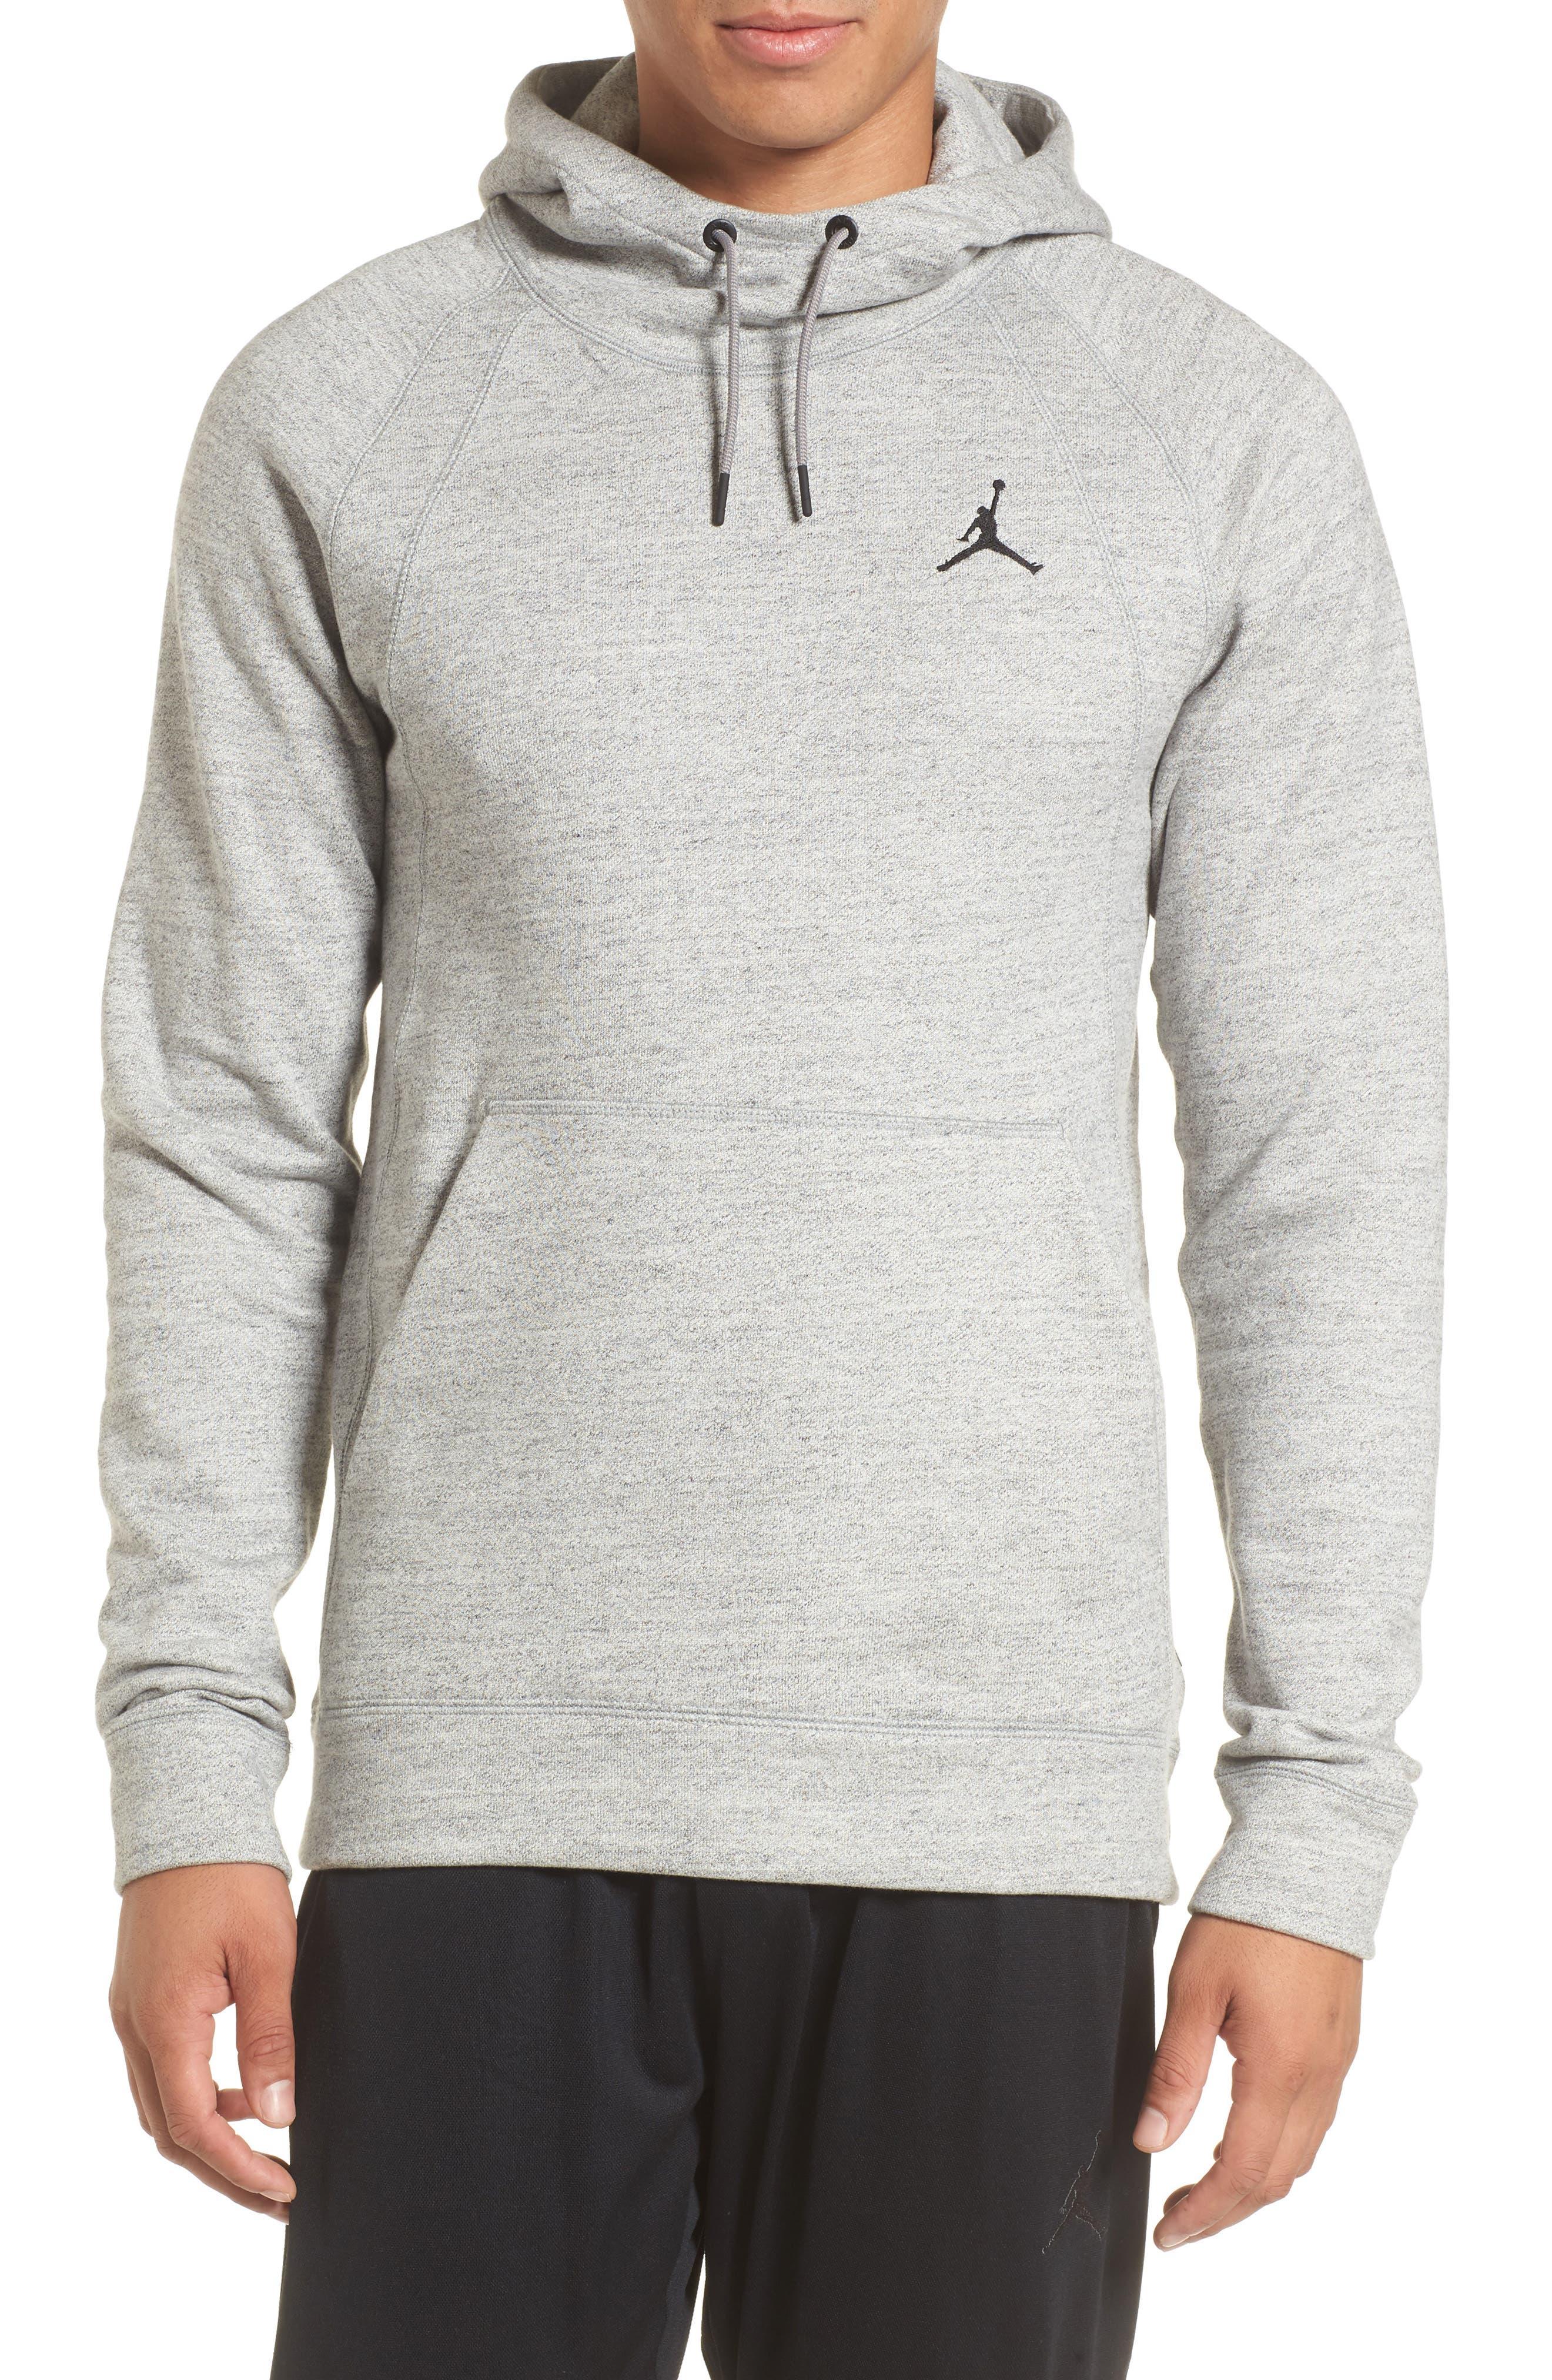 Alternate Image 1 Selected - Nike Jordan Sportswear Fleece Hoodie